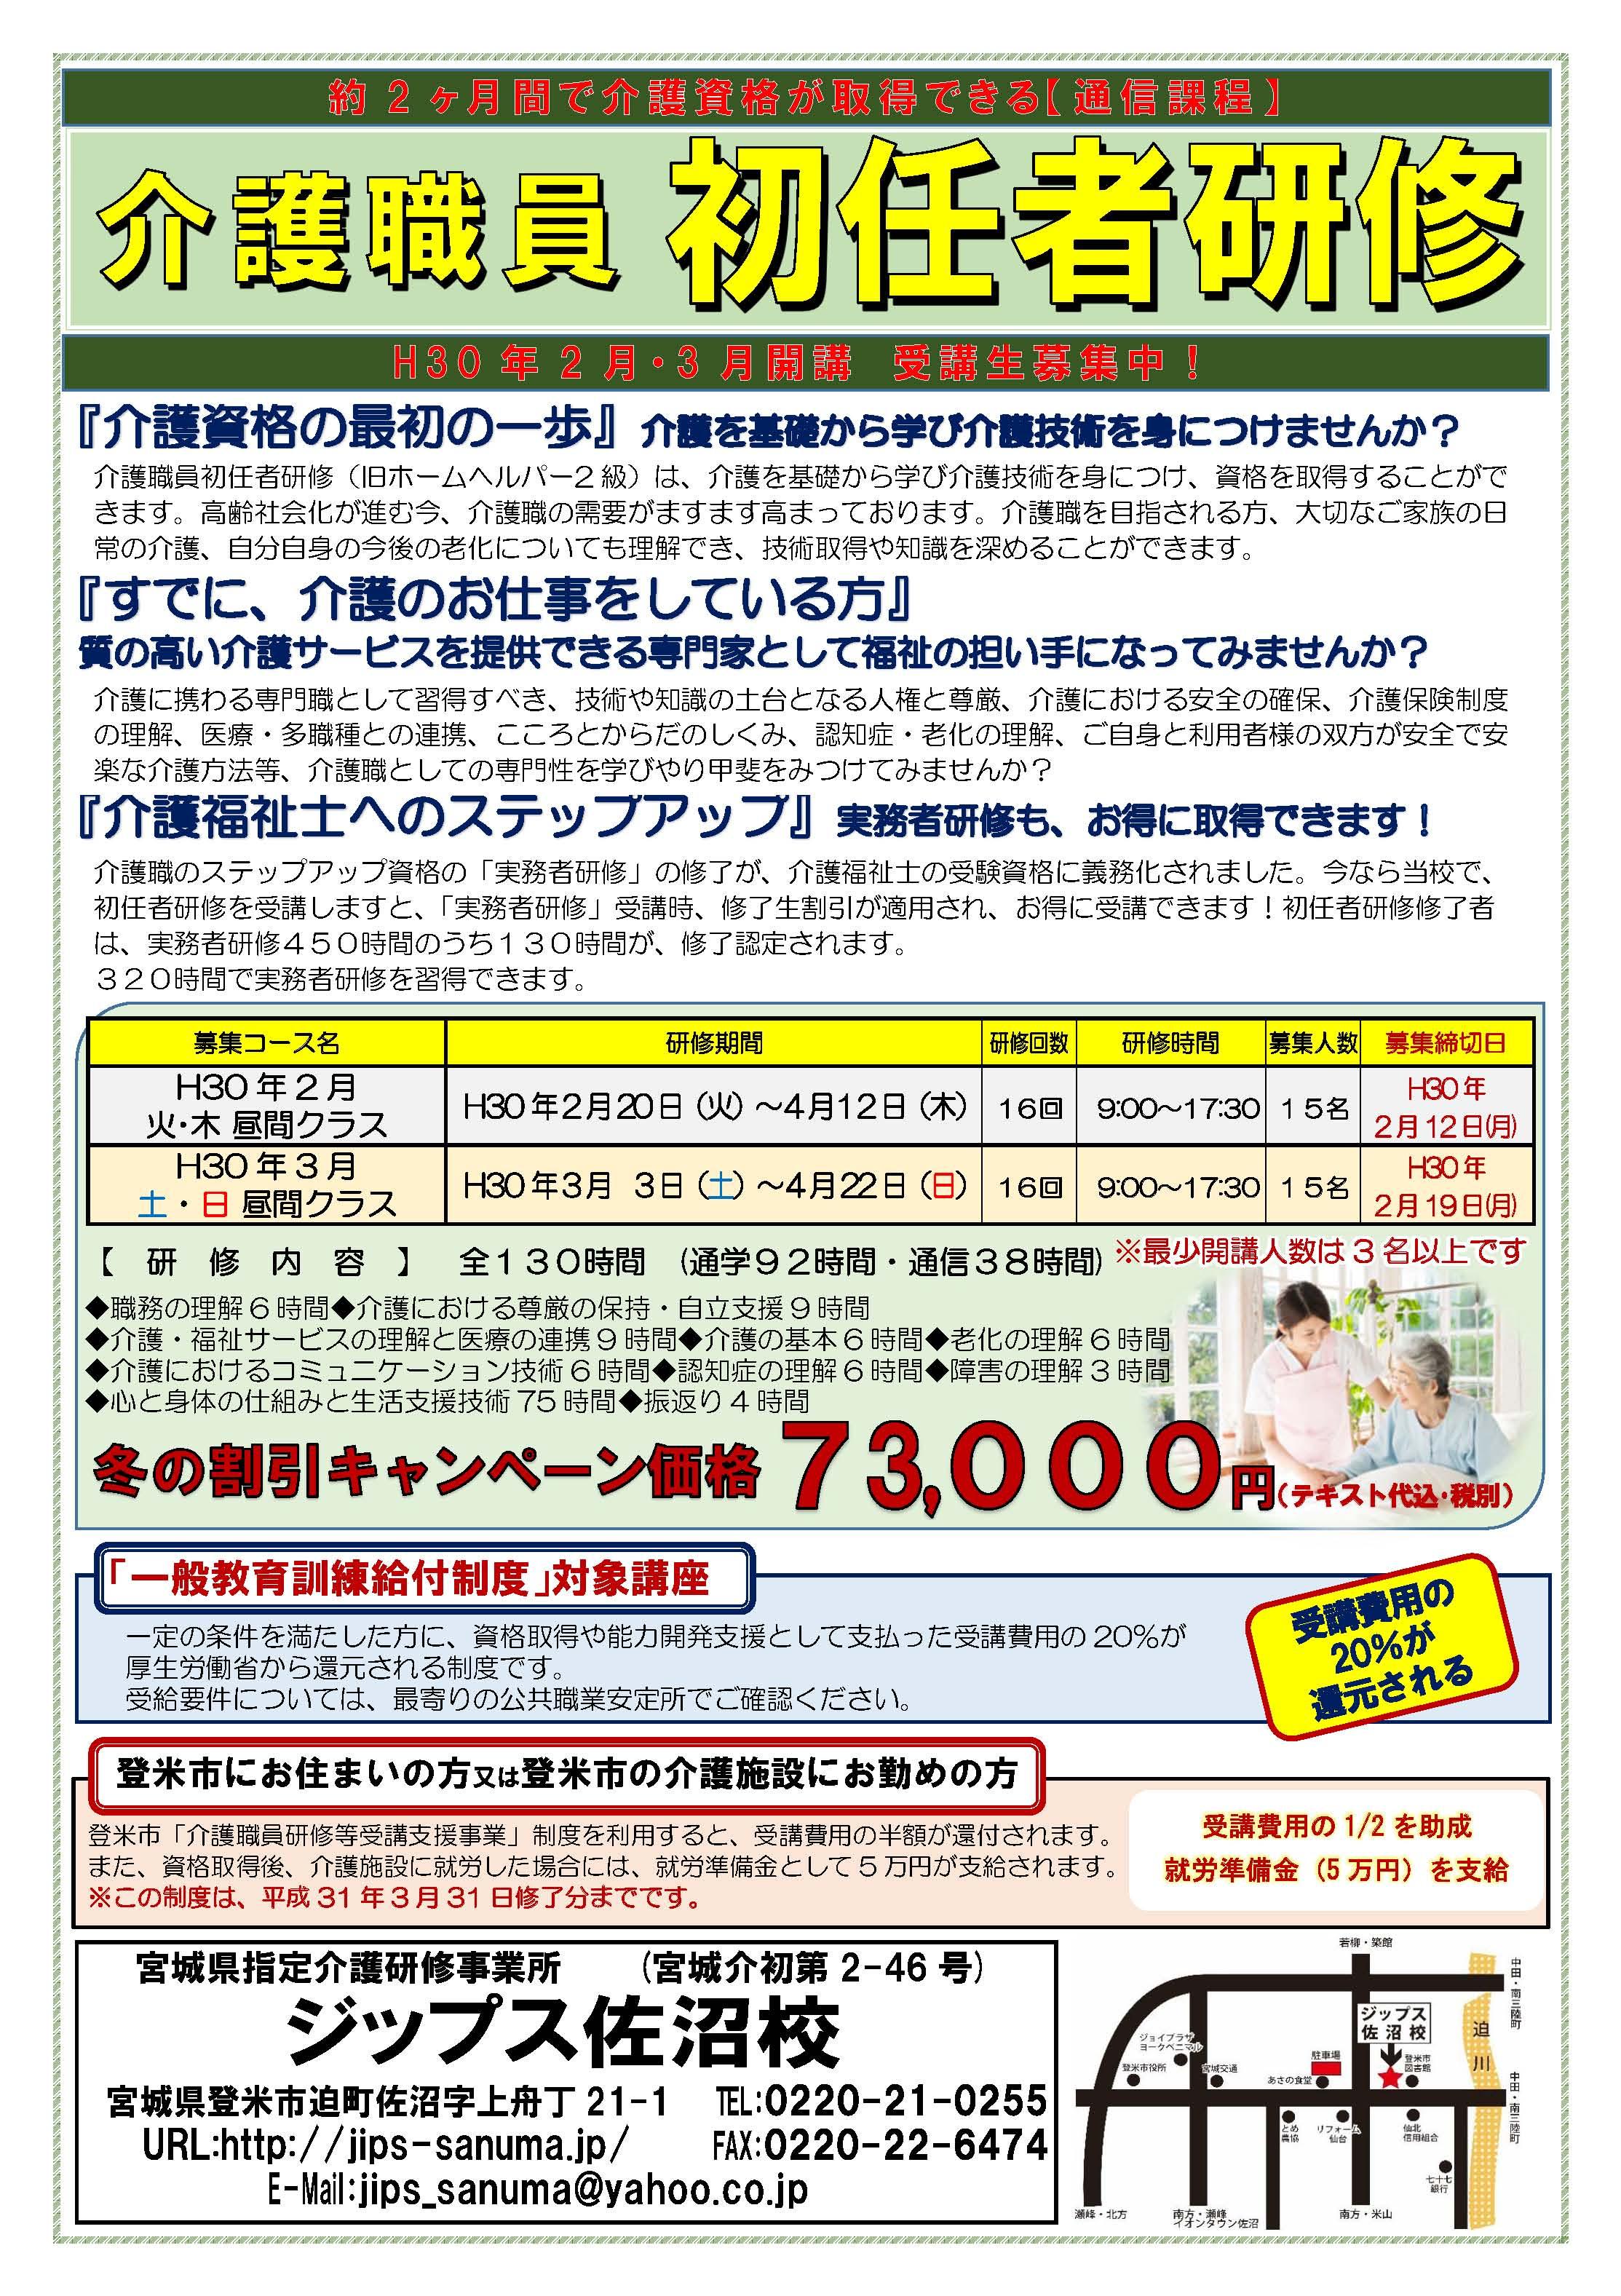 初任者研修募集チラシ30年2-3月_ページ_1